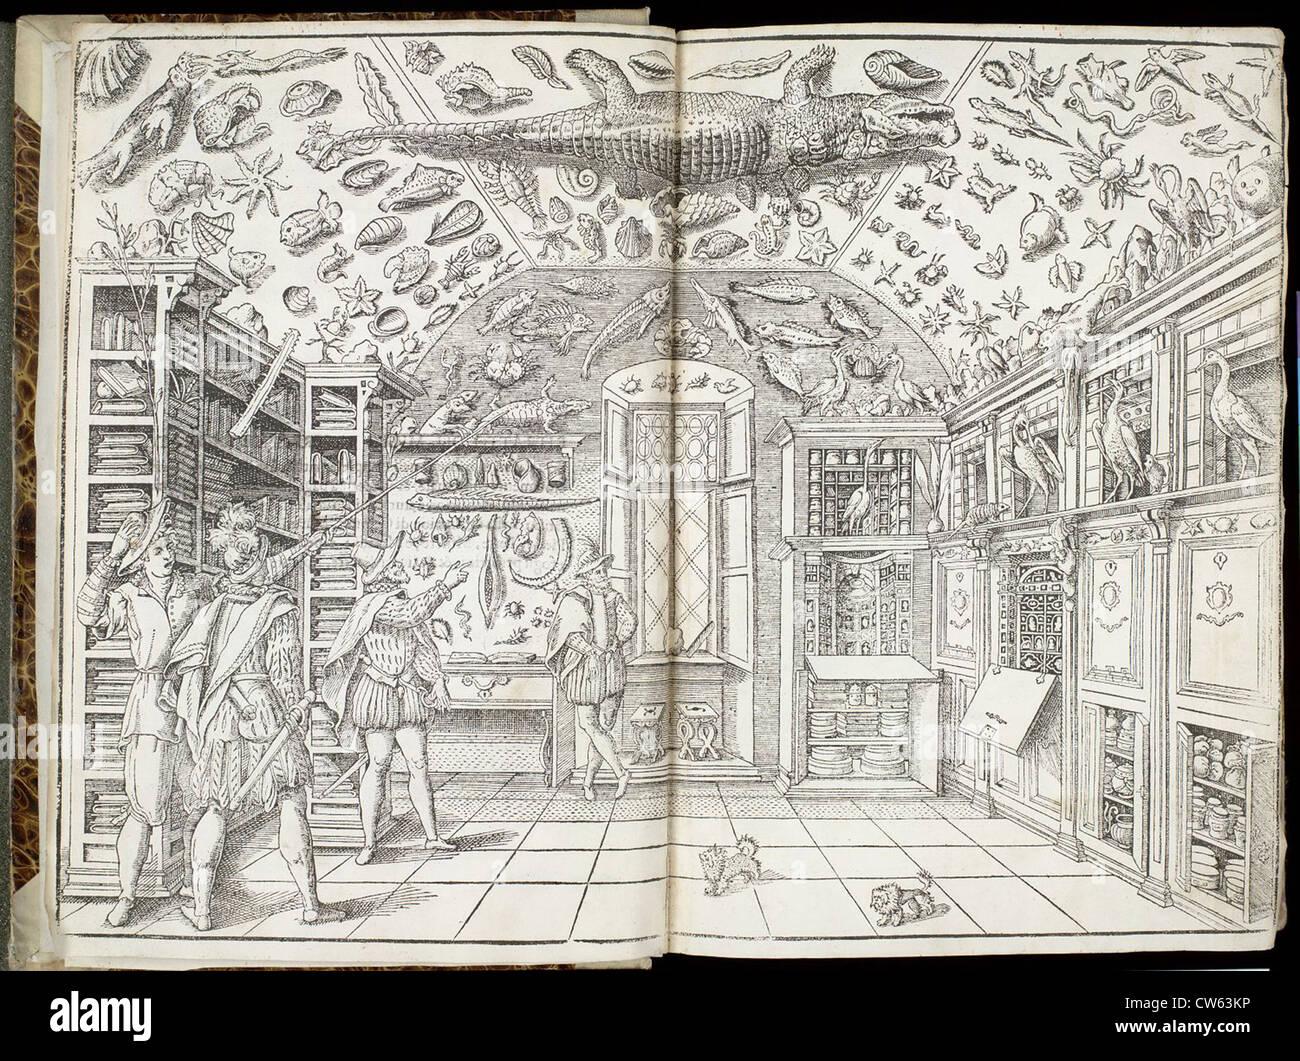 Imperato, Ferrante in his cabinet of curiosities - Stock Image